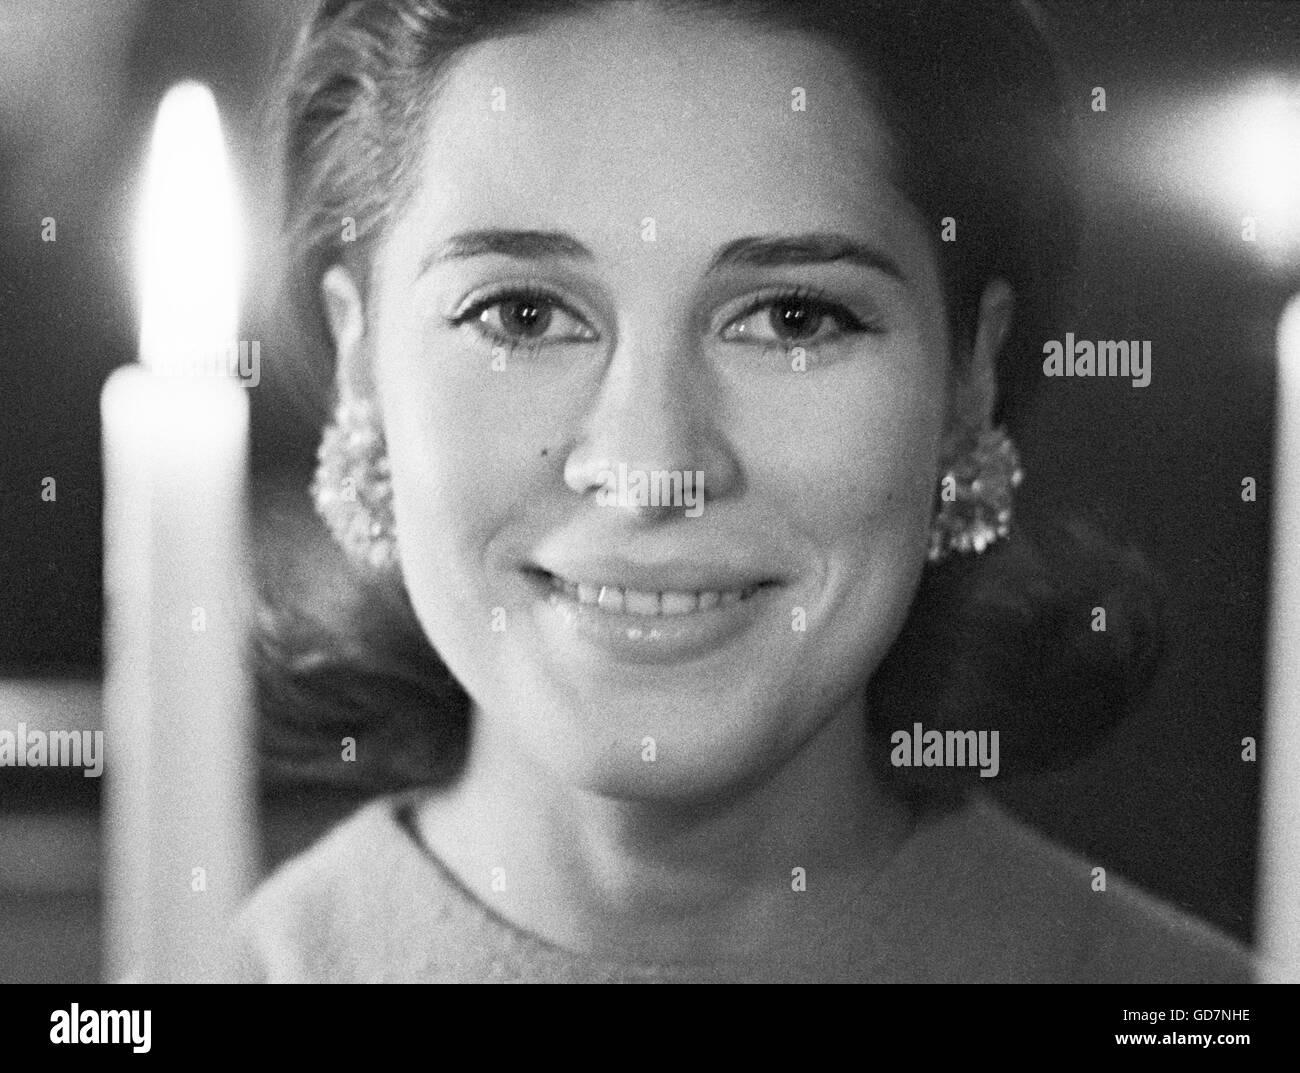 Joan Hackett, Golden Globe-Preisträgerin. Dieses Bild wurde im Januar 1963 aufgenommen. Stockbild